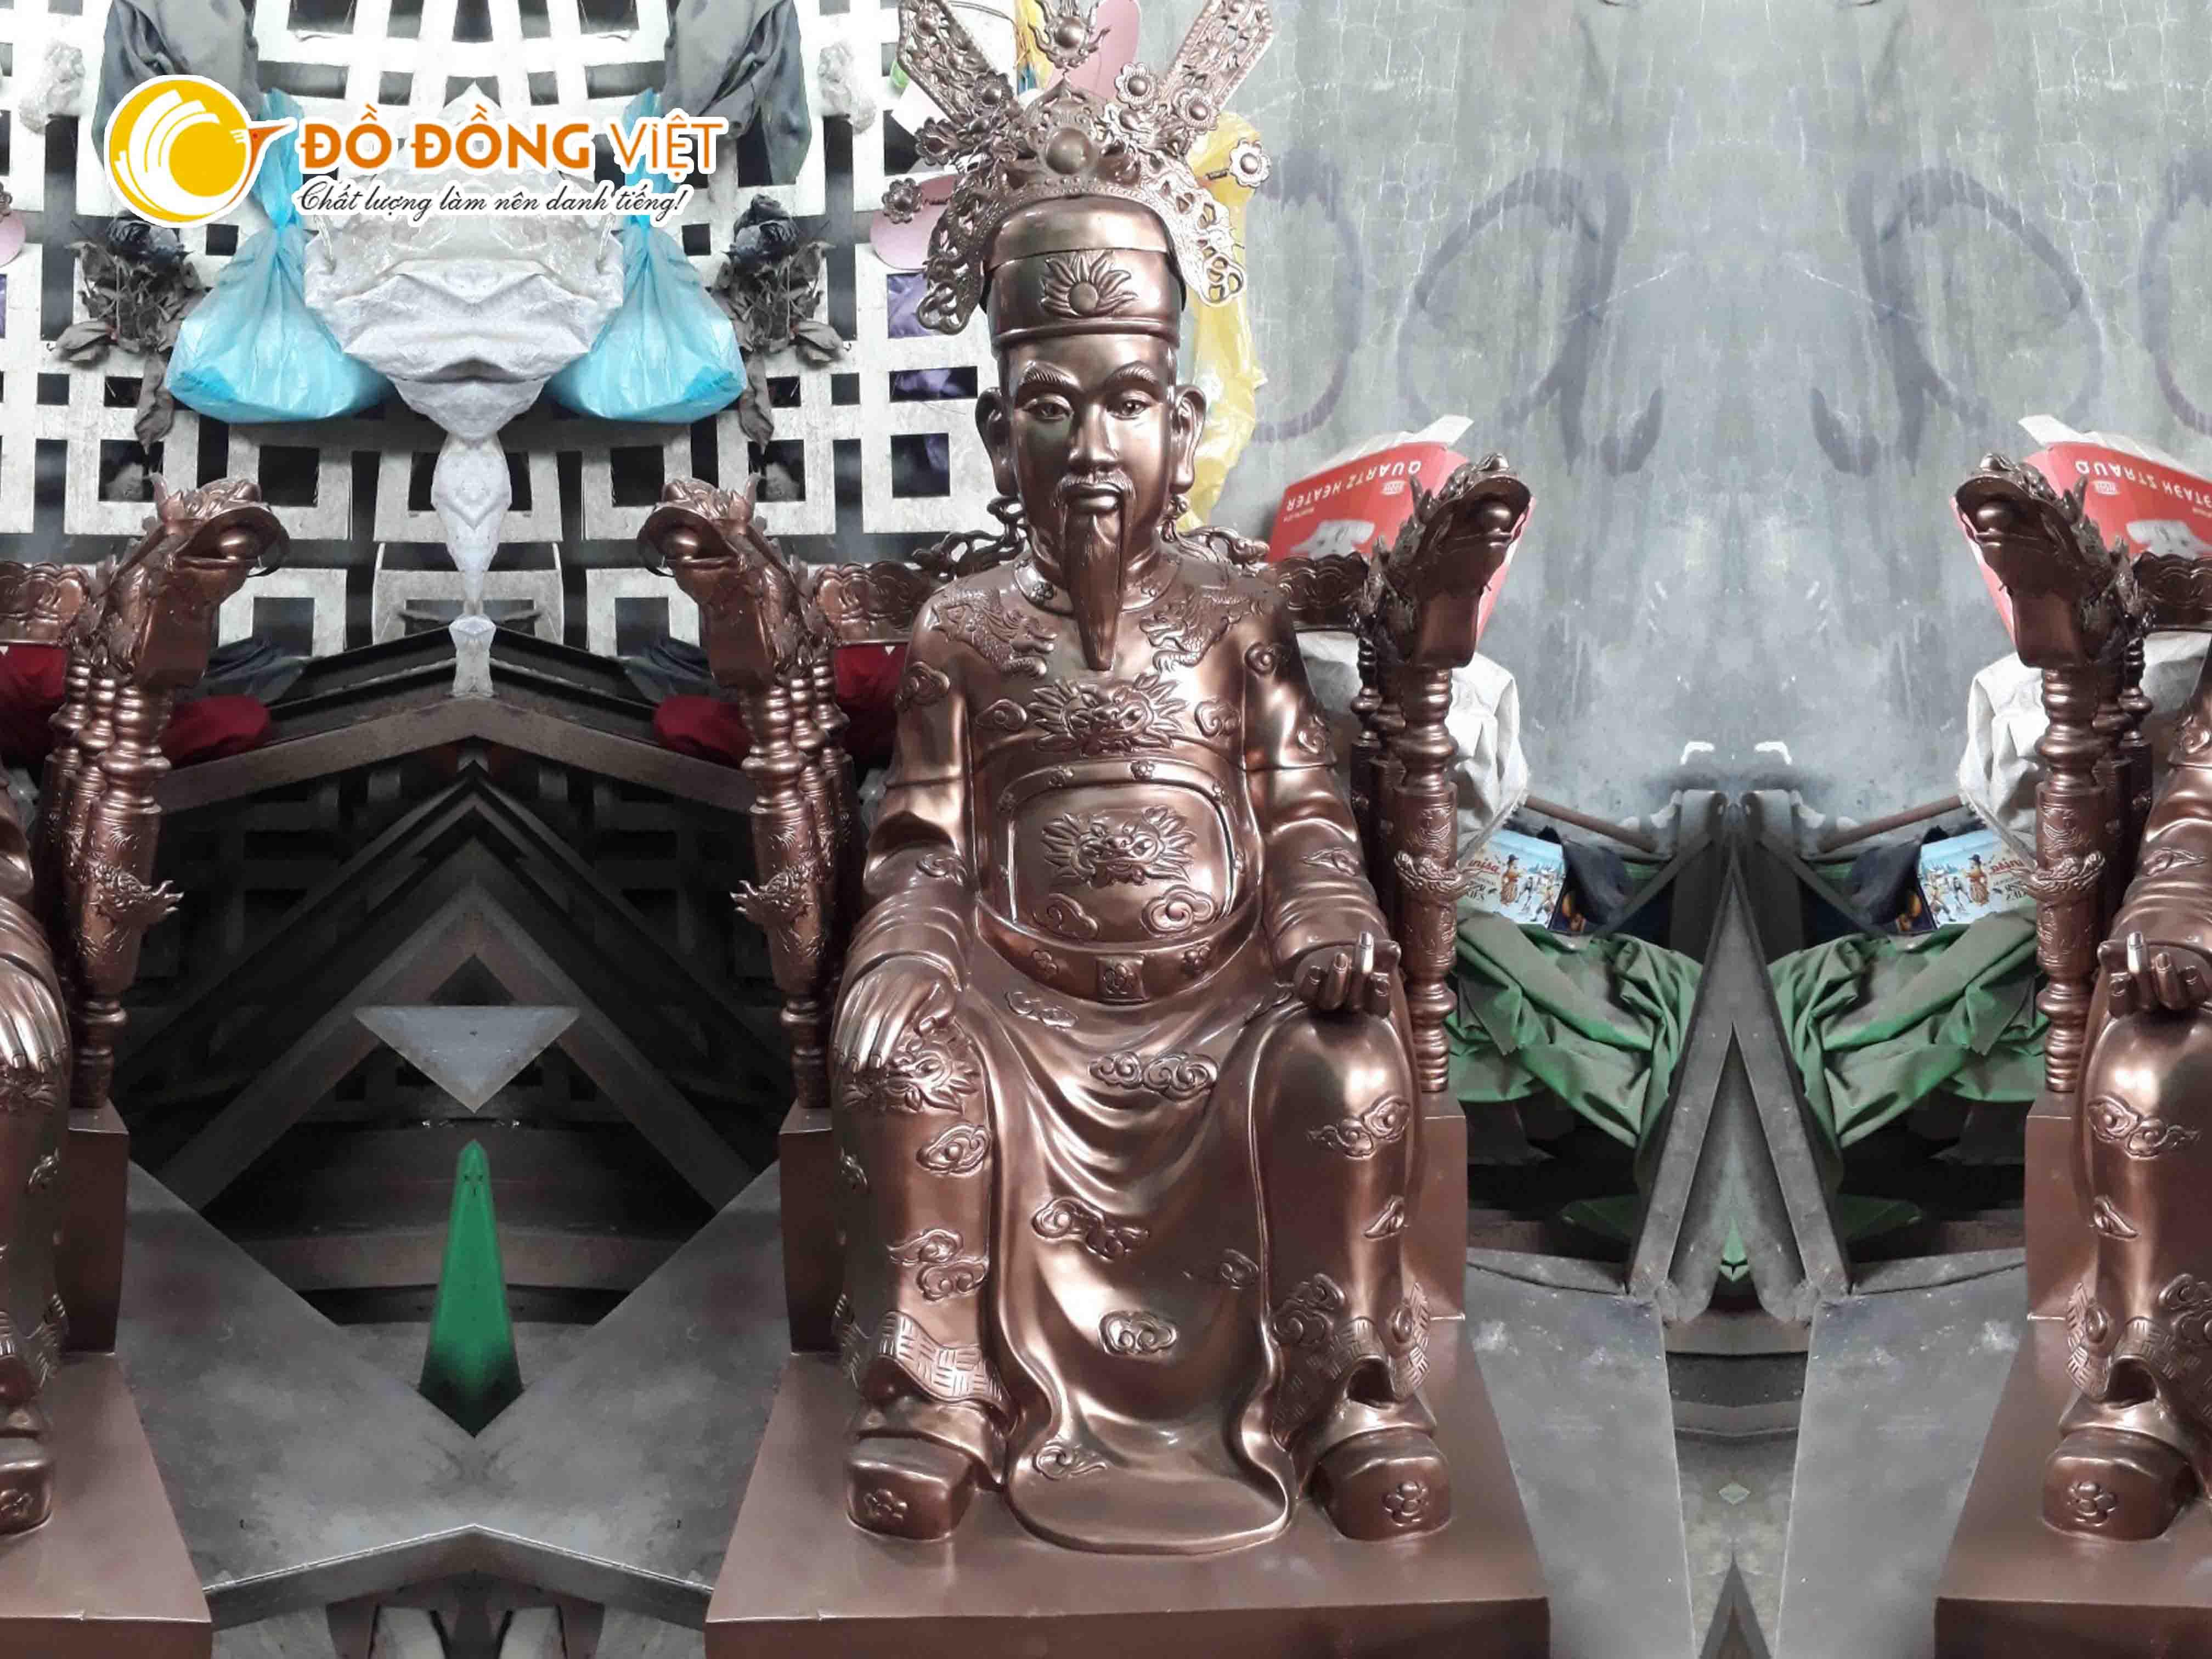 Đồ đồng Việt chuyên đúc tượng danh nhân theo yêu cầu